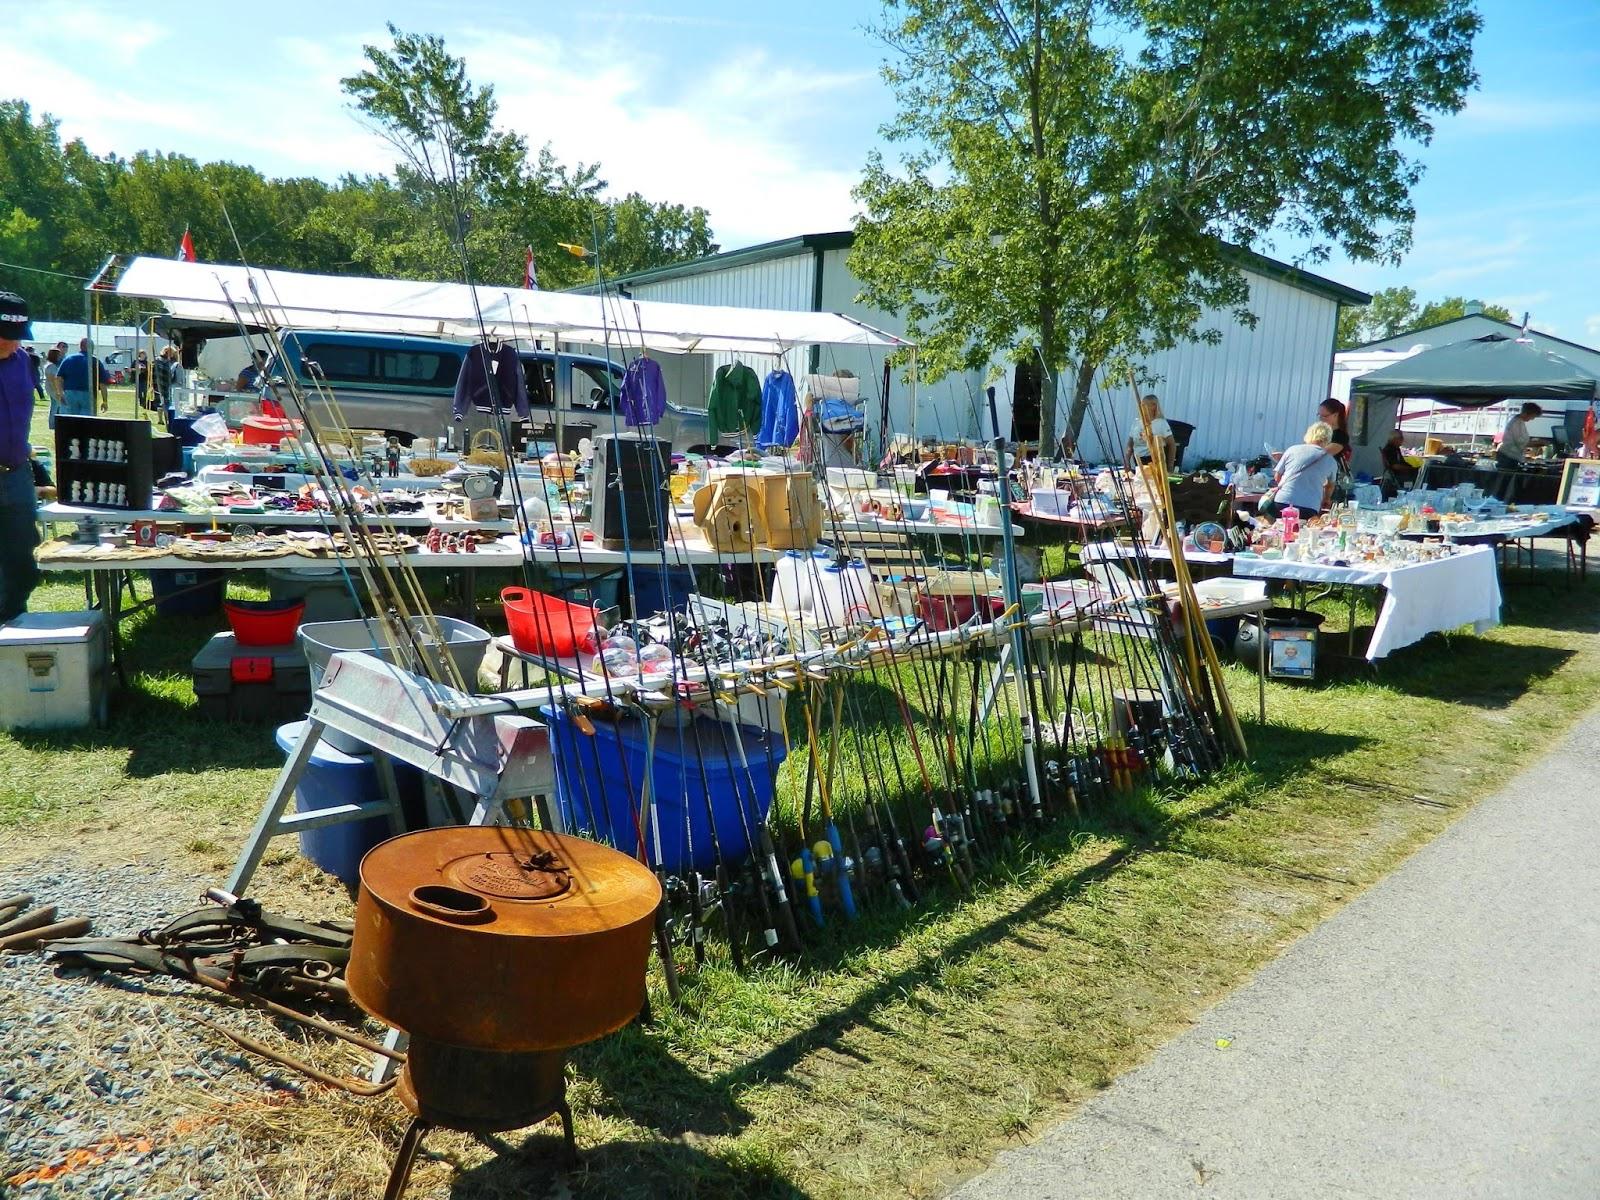 Flat rock creek fall festival paulding my review for Fishing flea market near me